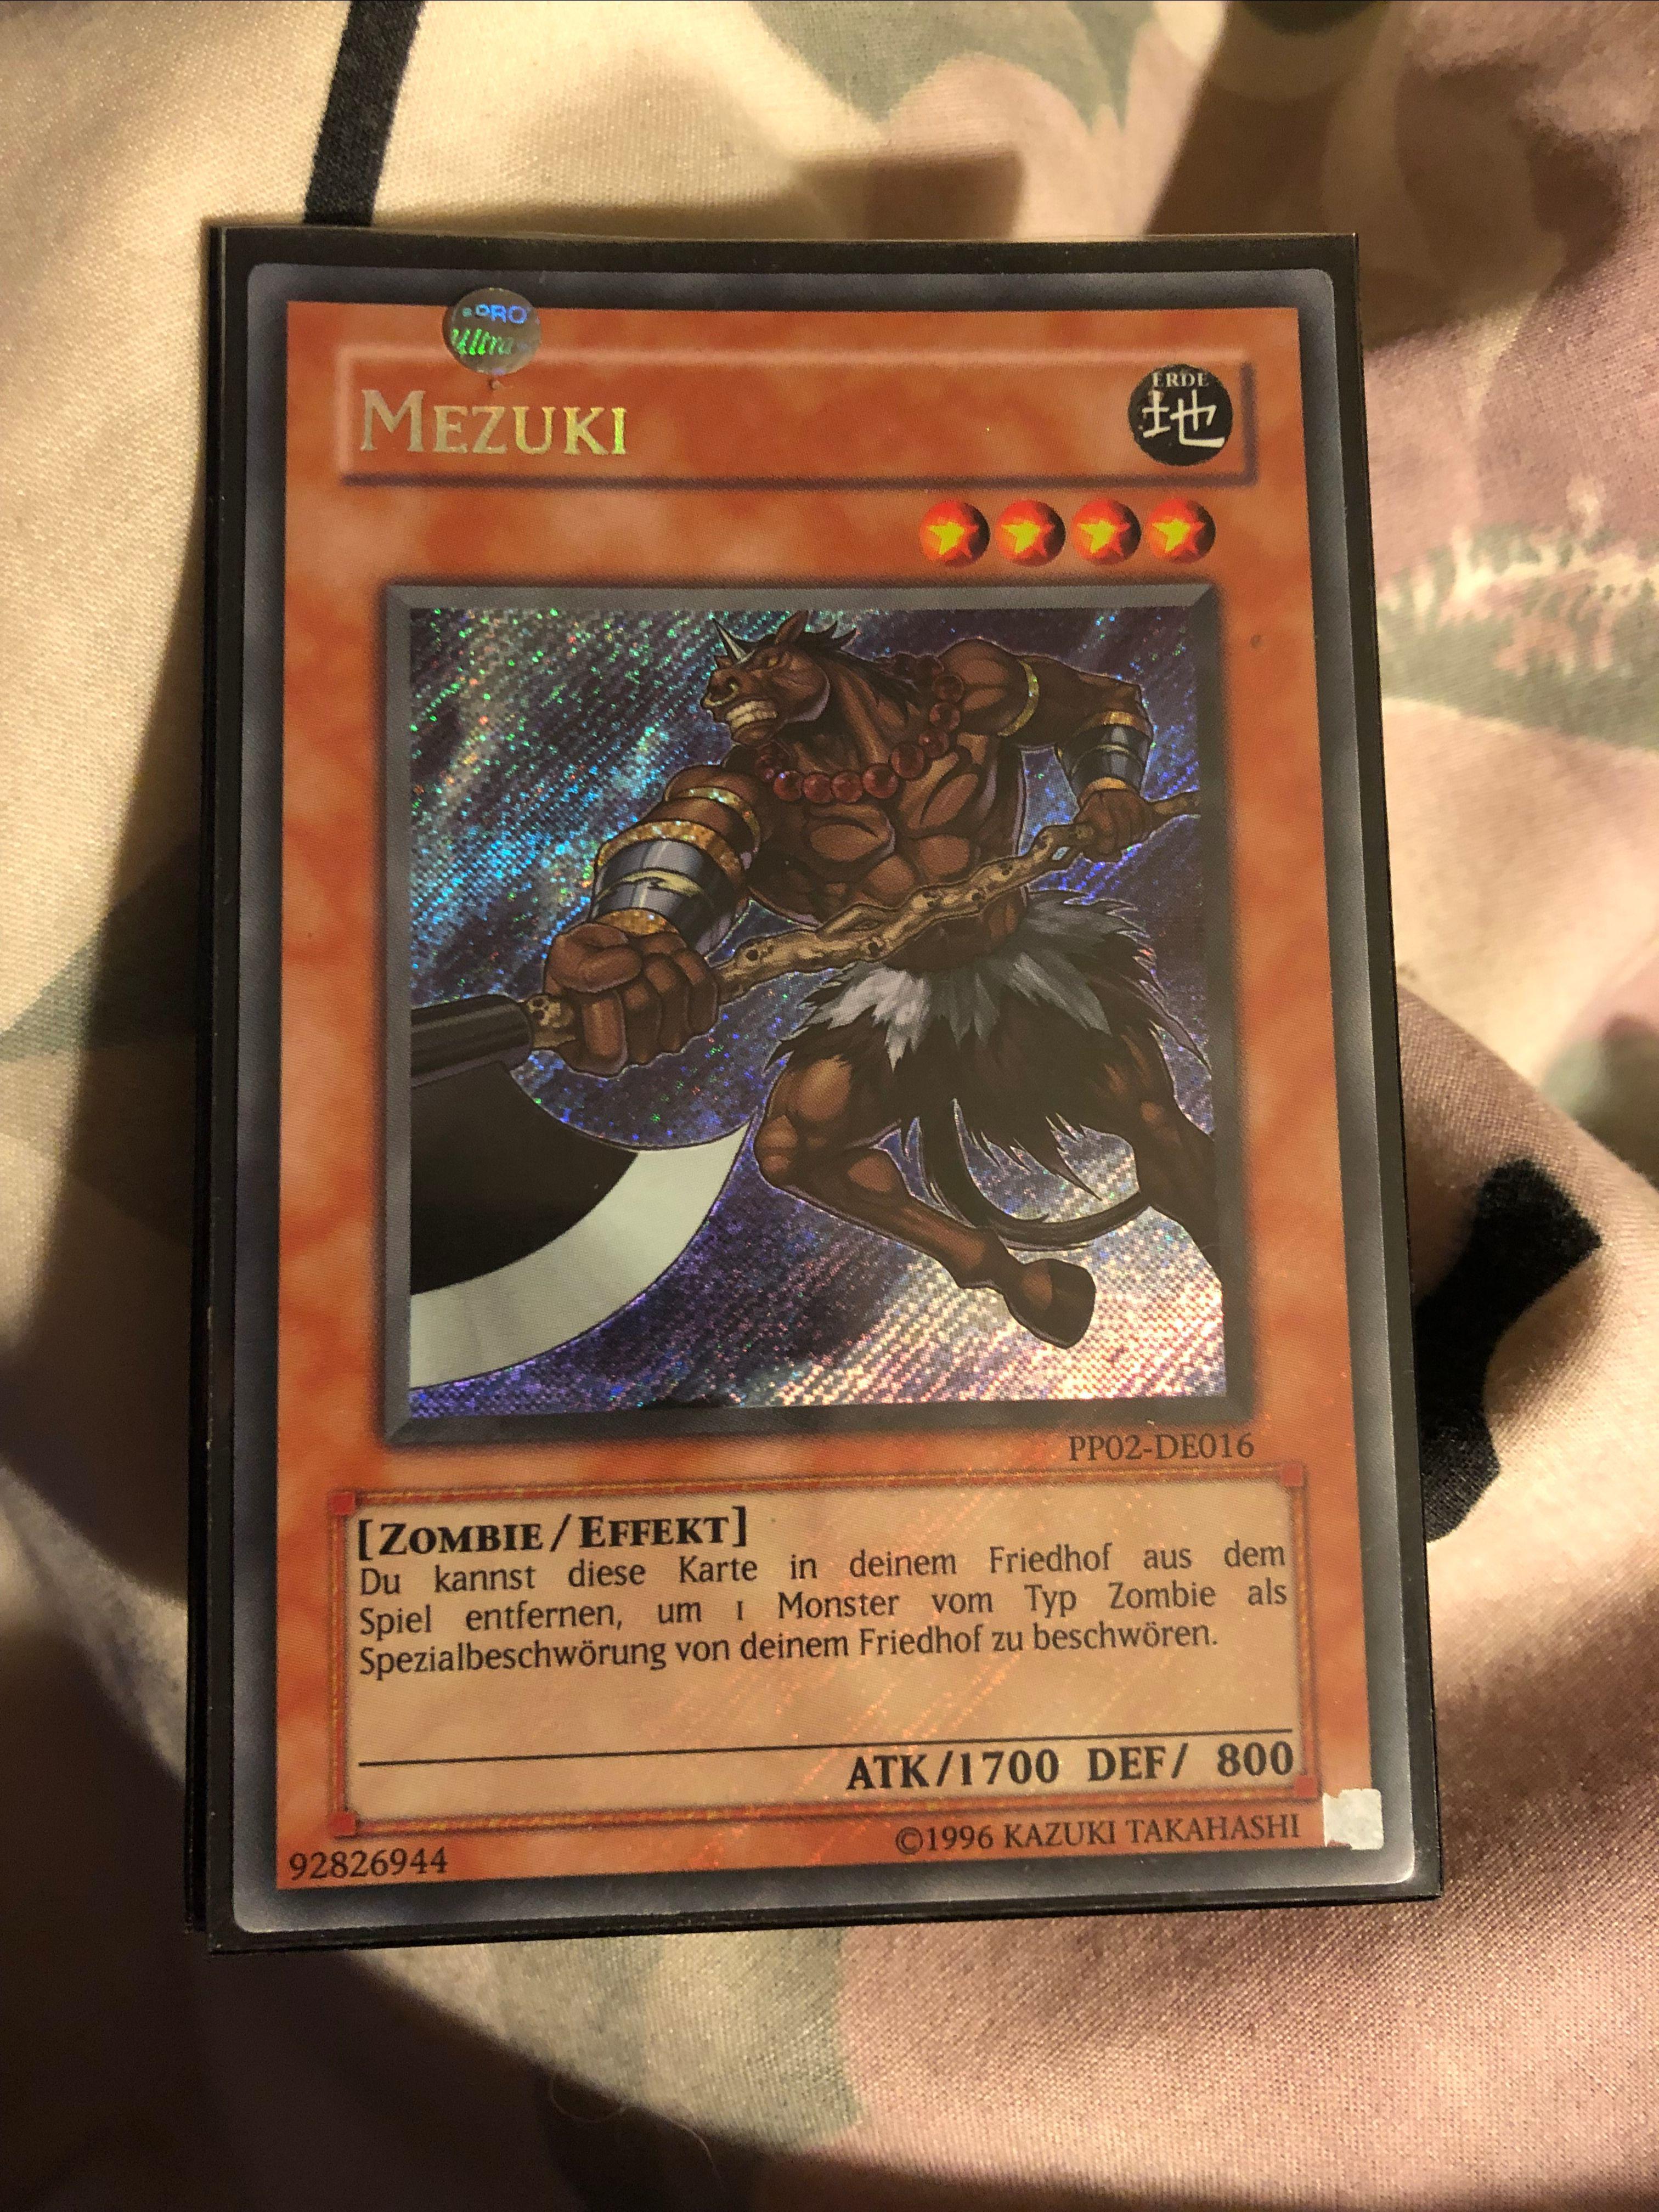 PP02-DE016 Mezuki